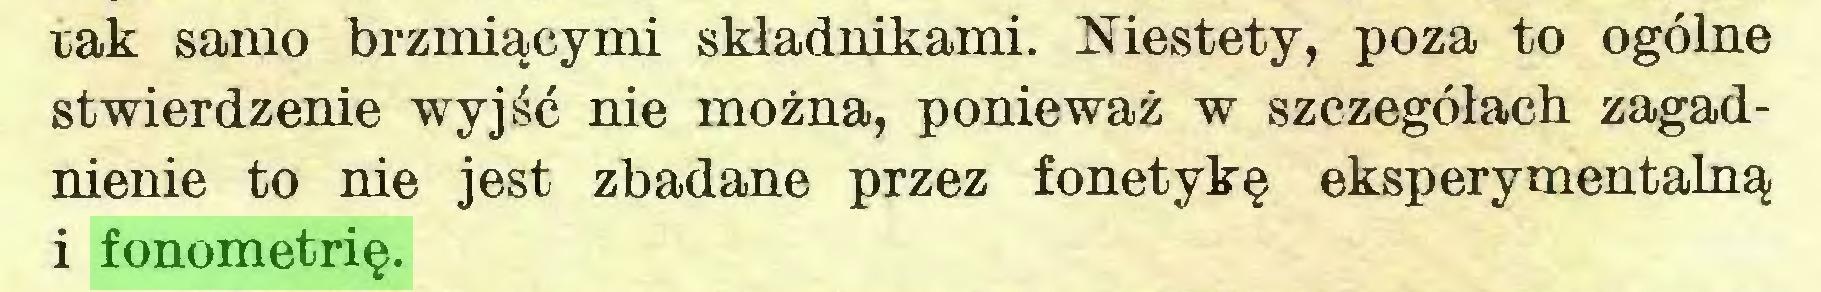 (...) rak samo brzmiącymi składnikami. Niestety, poza to ogólne stwierdzenie wyjść nie można, ponieważ w szczegółach zagadnienie to nie jest zbadane przez fonetykę eksperymentalną i fonometrię...